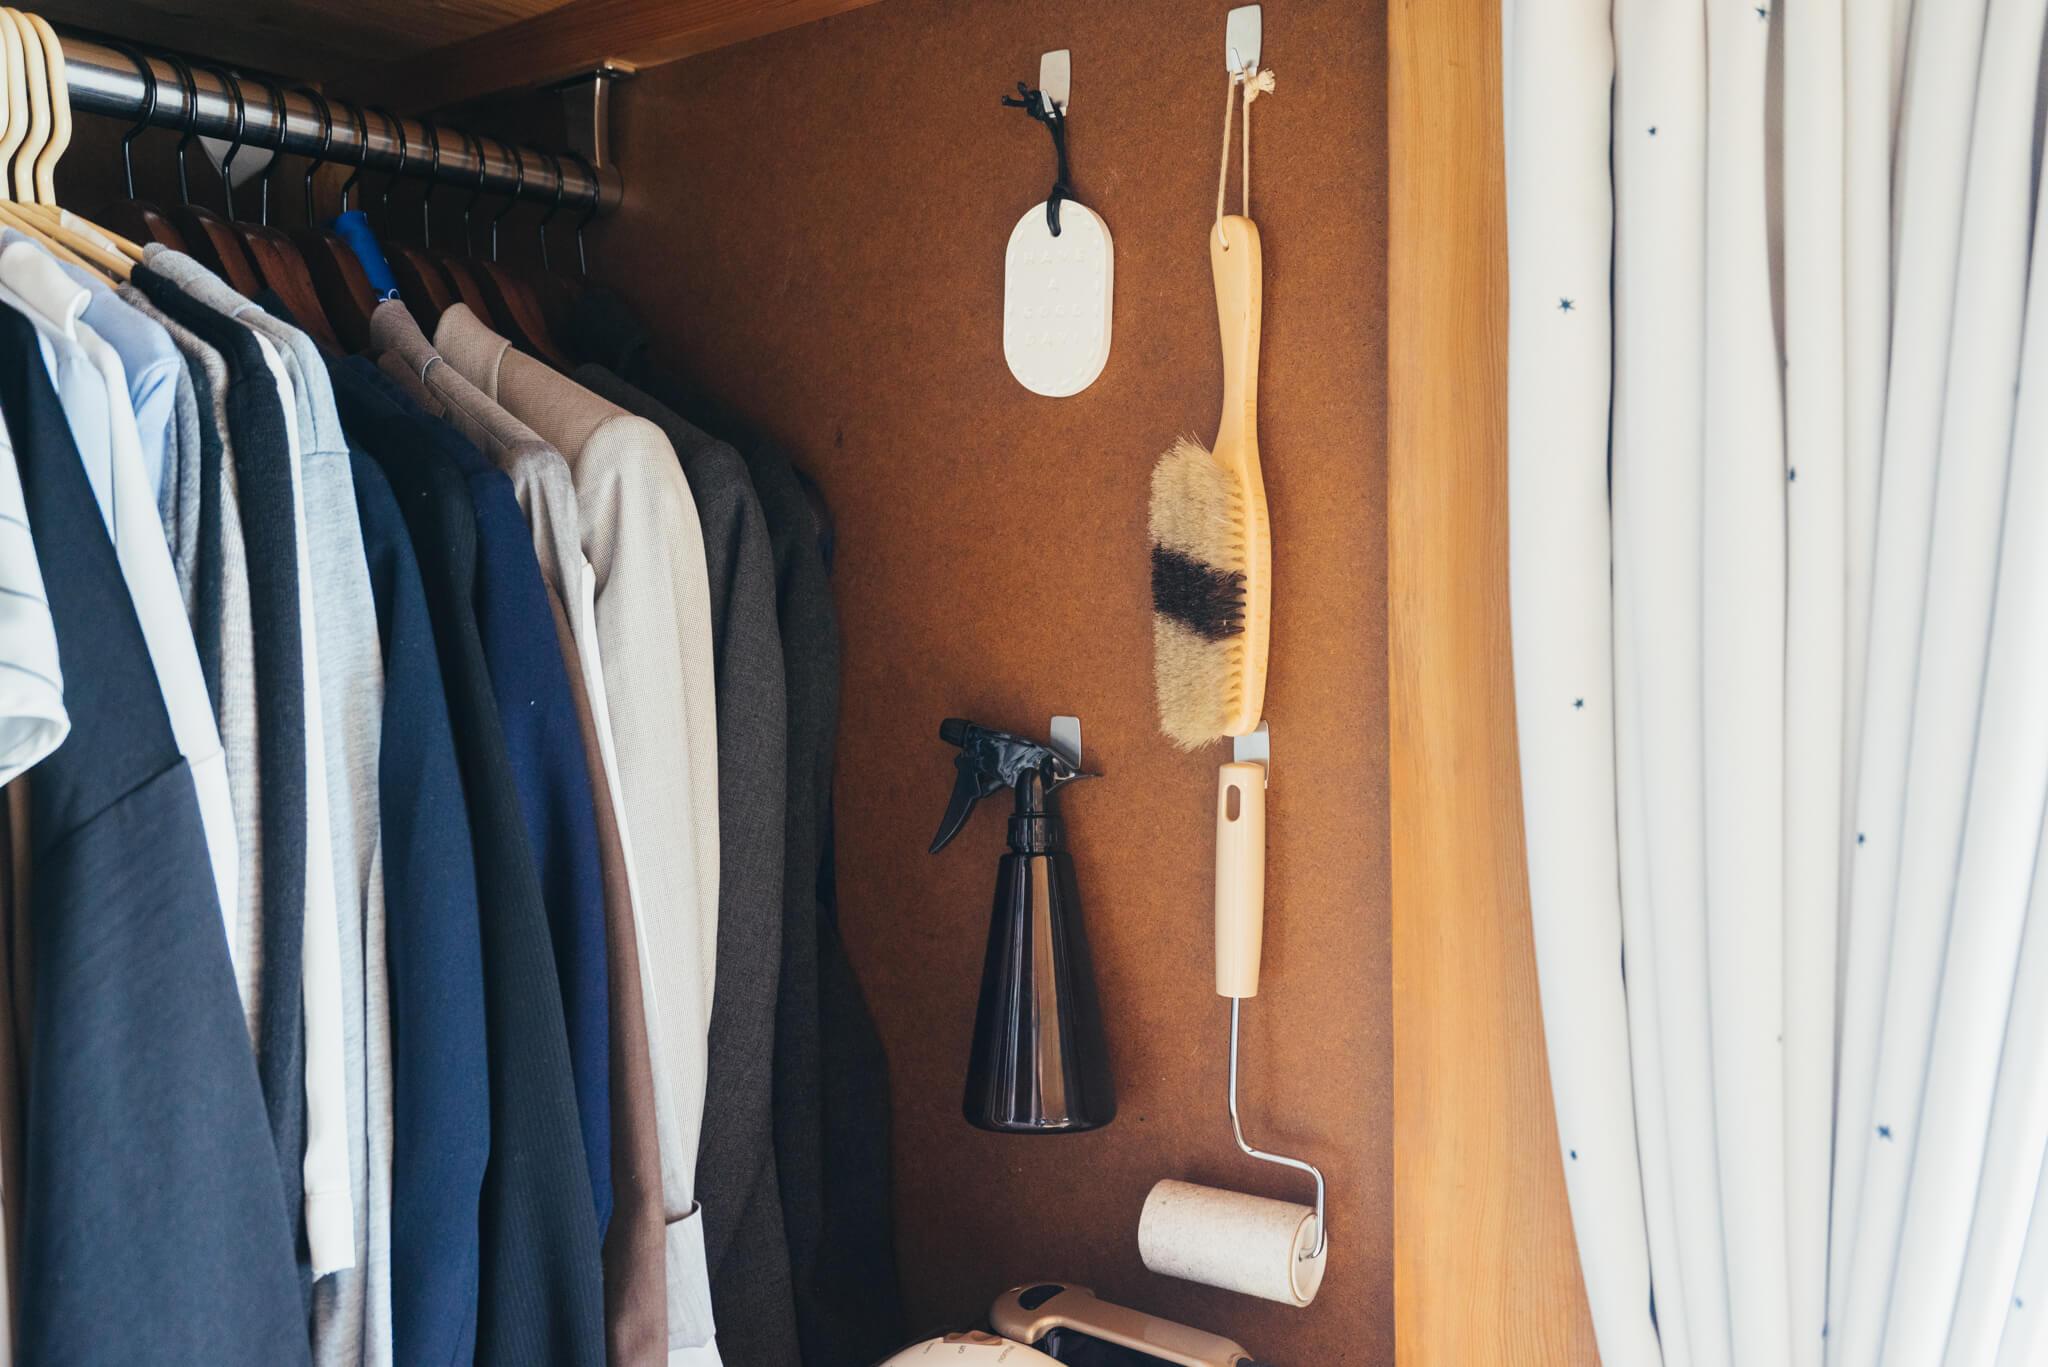 出しっぱなしになりやすい掃除やお手入れのアイテムも、フックを活用してすぐ取れる場所におけば、すっきり。